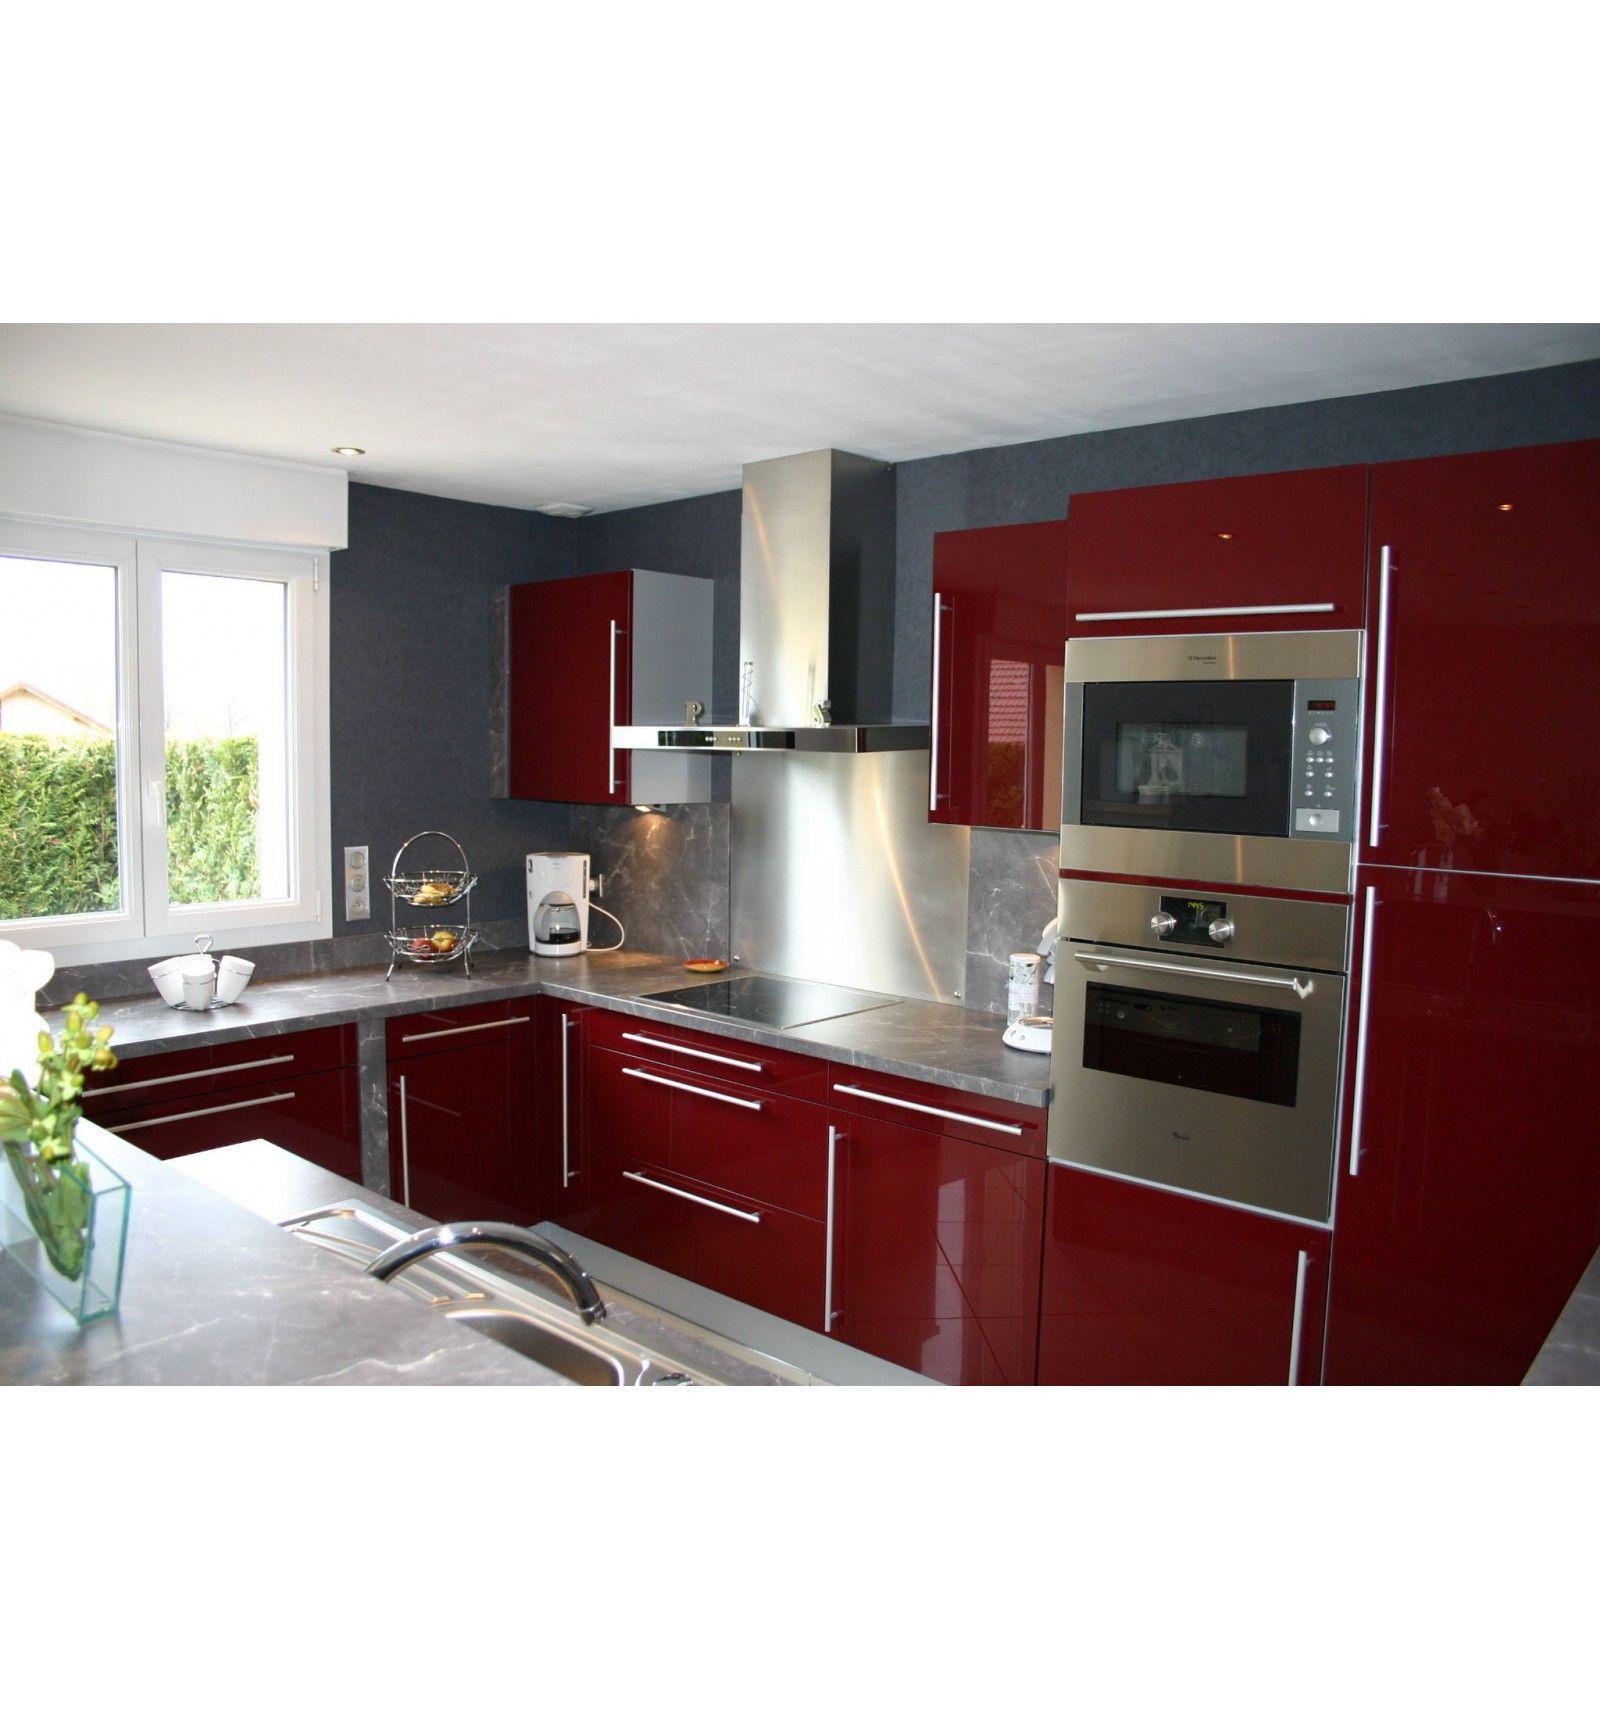 très belle cuisine rouge réalisée par nos soins - demandez un devis